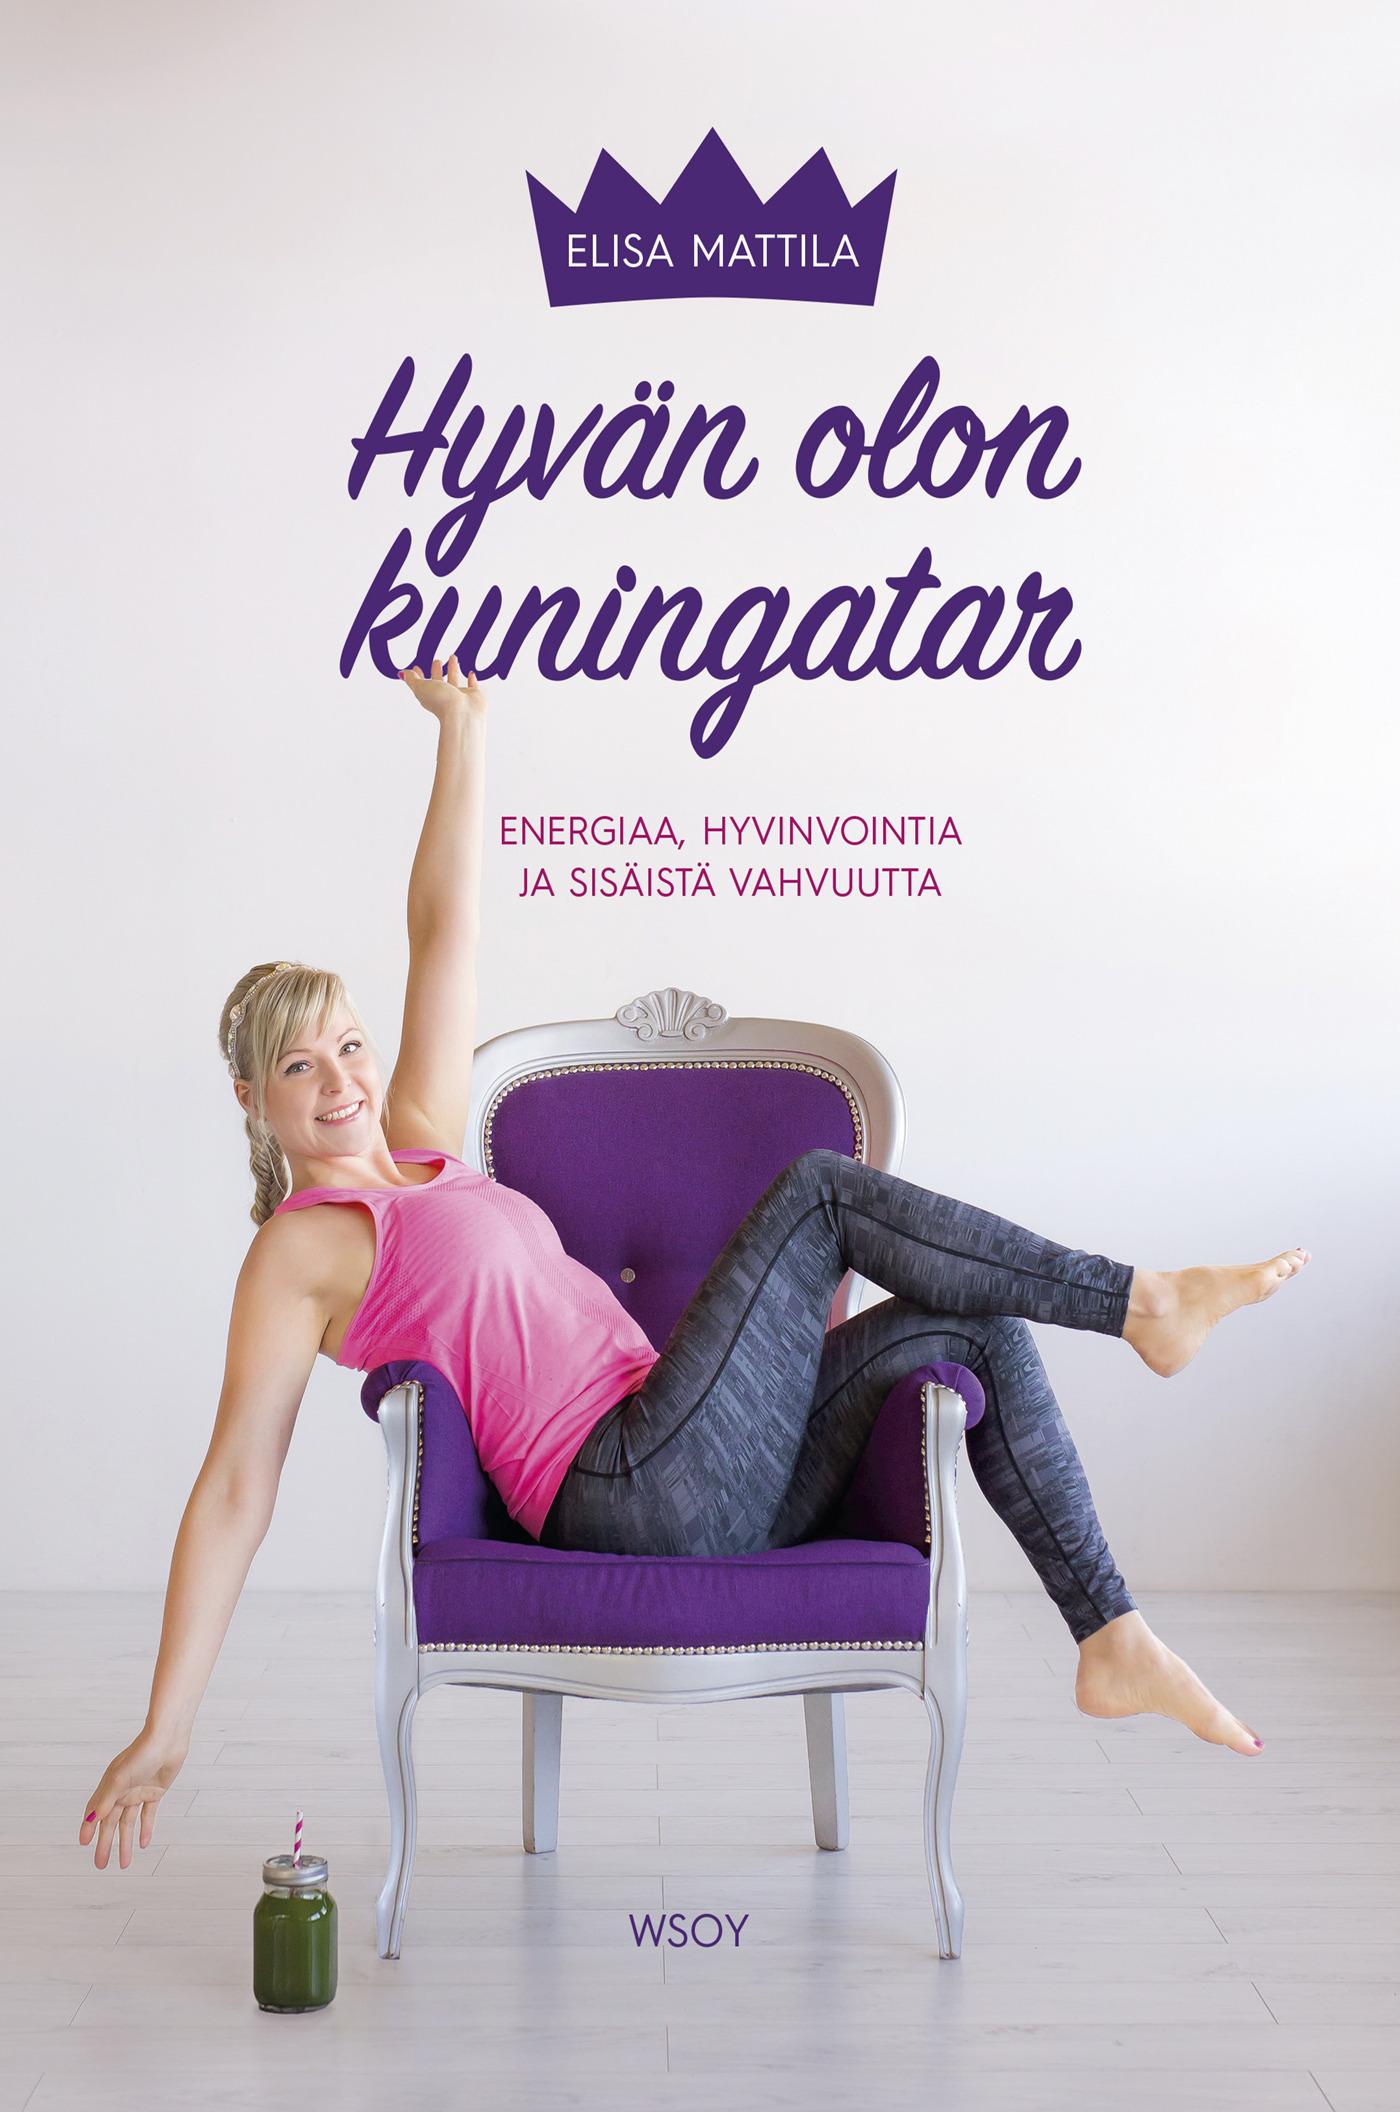 Mattila, Elisa - Hyvän olon kuningatar, ebook